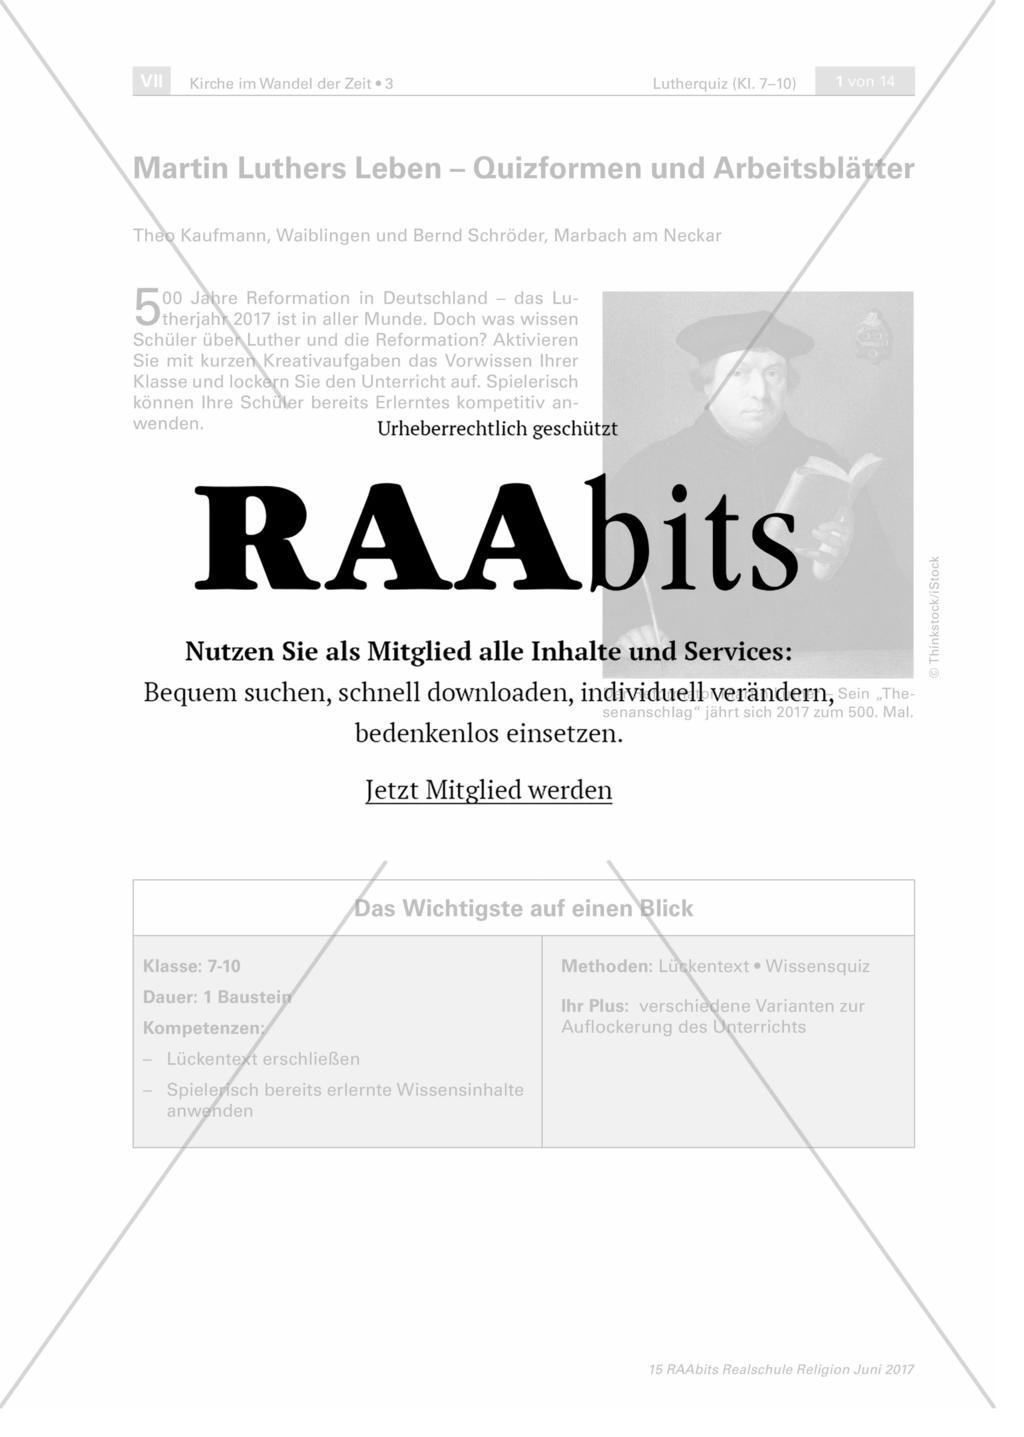 Martin Luthers Leben – Quizformen und Arbeitsblätter – RAAbits Religion